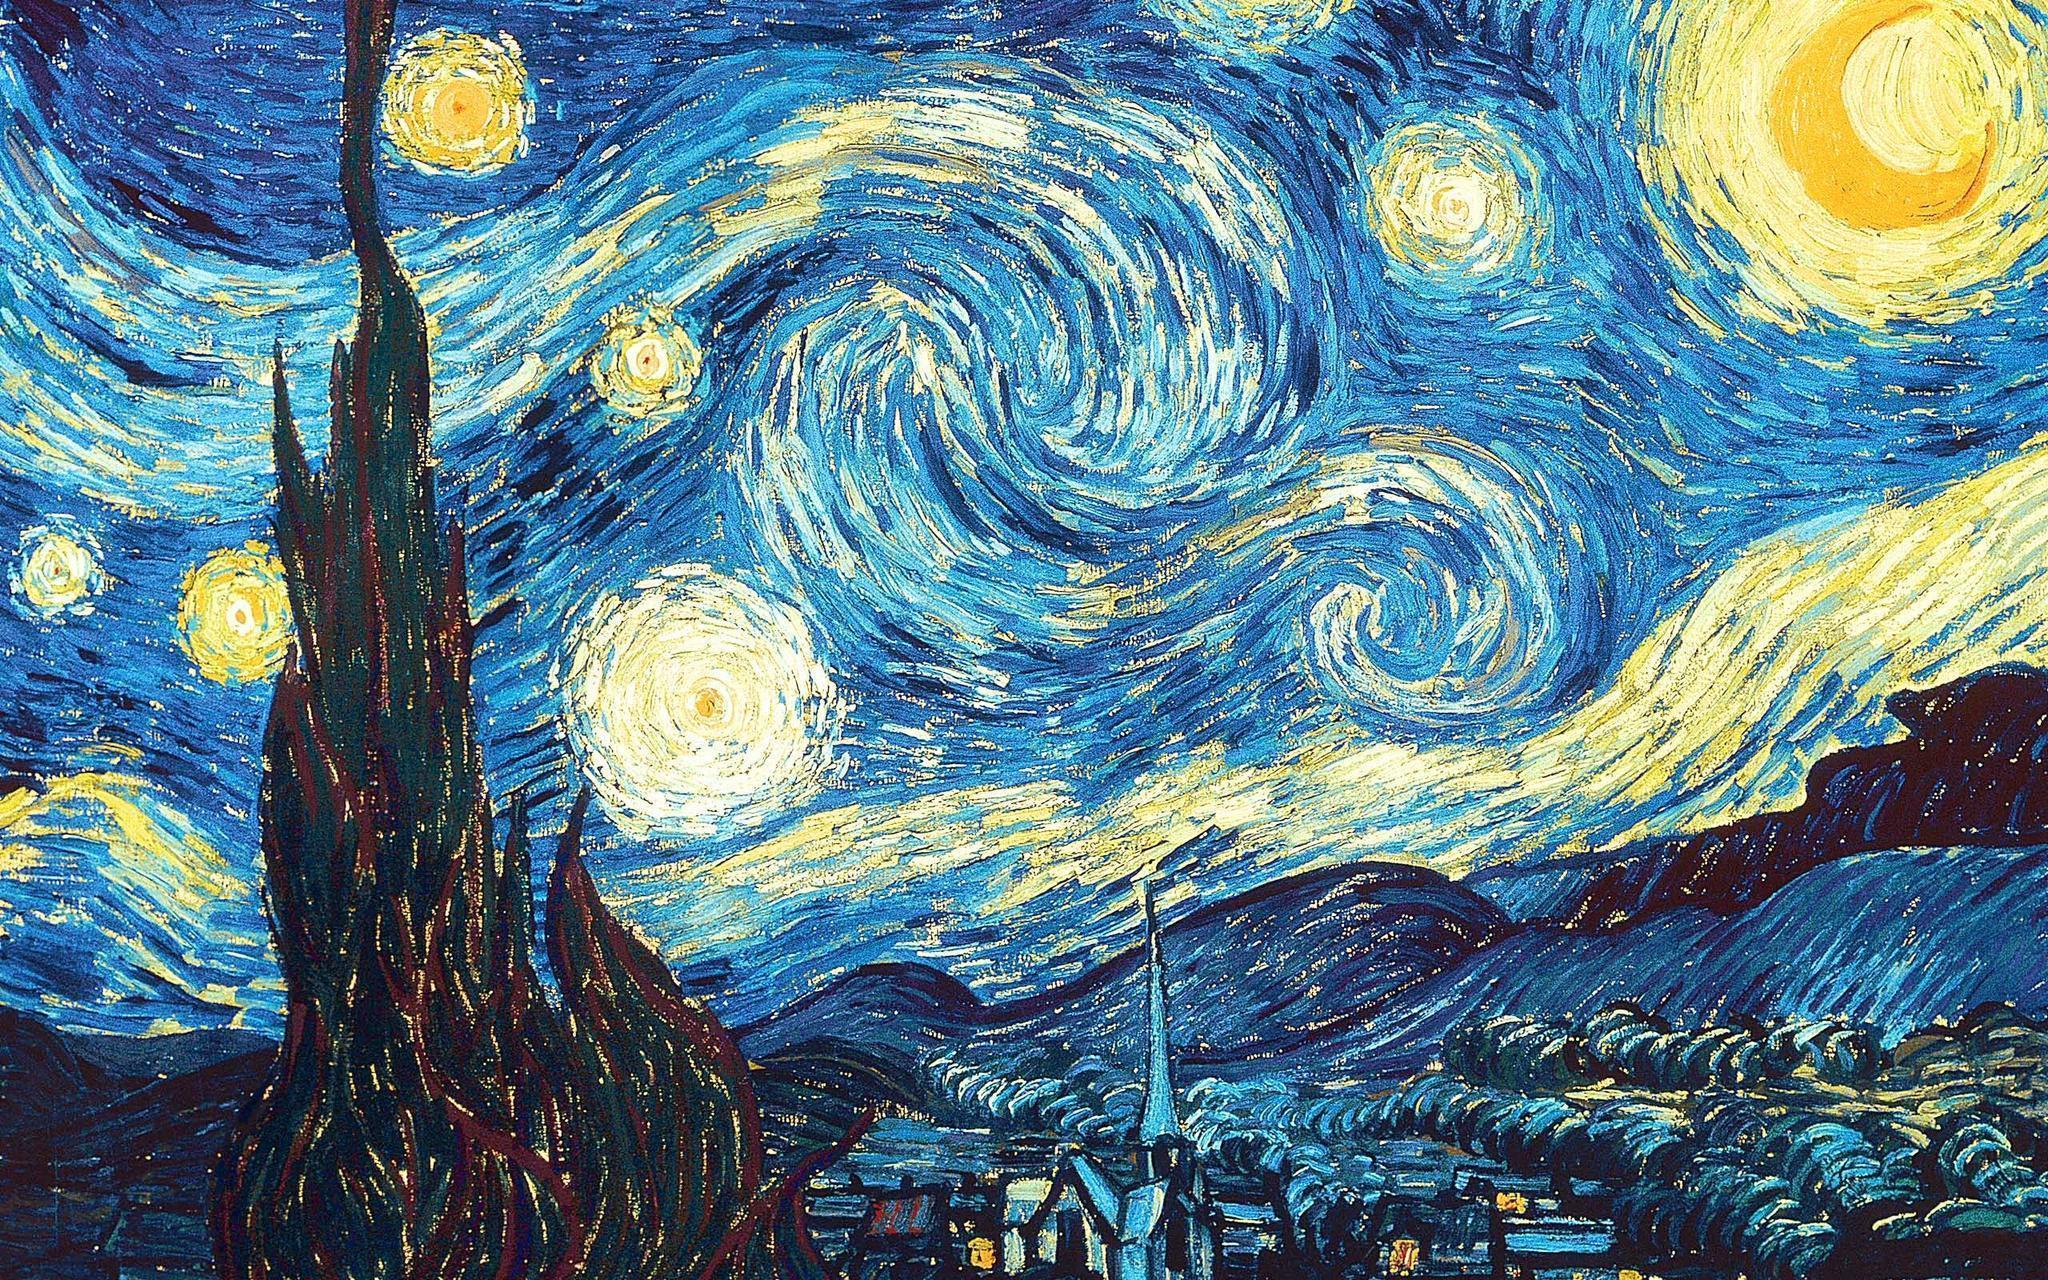 Vincent van gogh wallpapers wallpaper cave - Vincent van gogh wallpaper ...